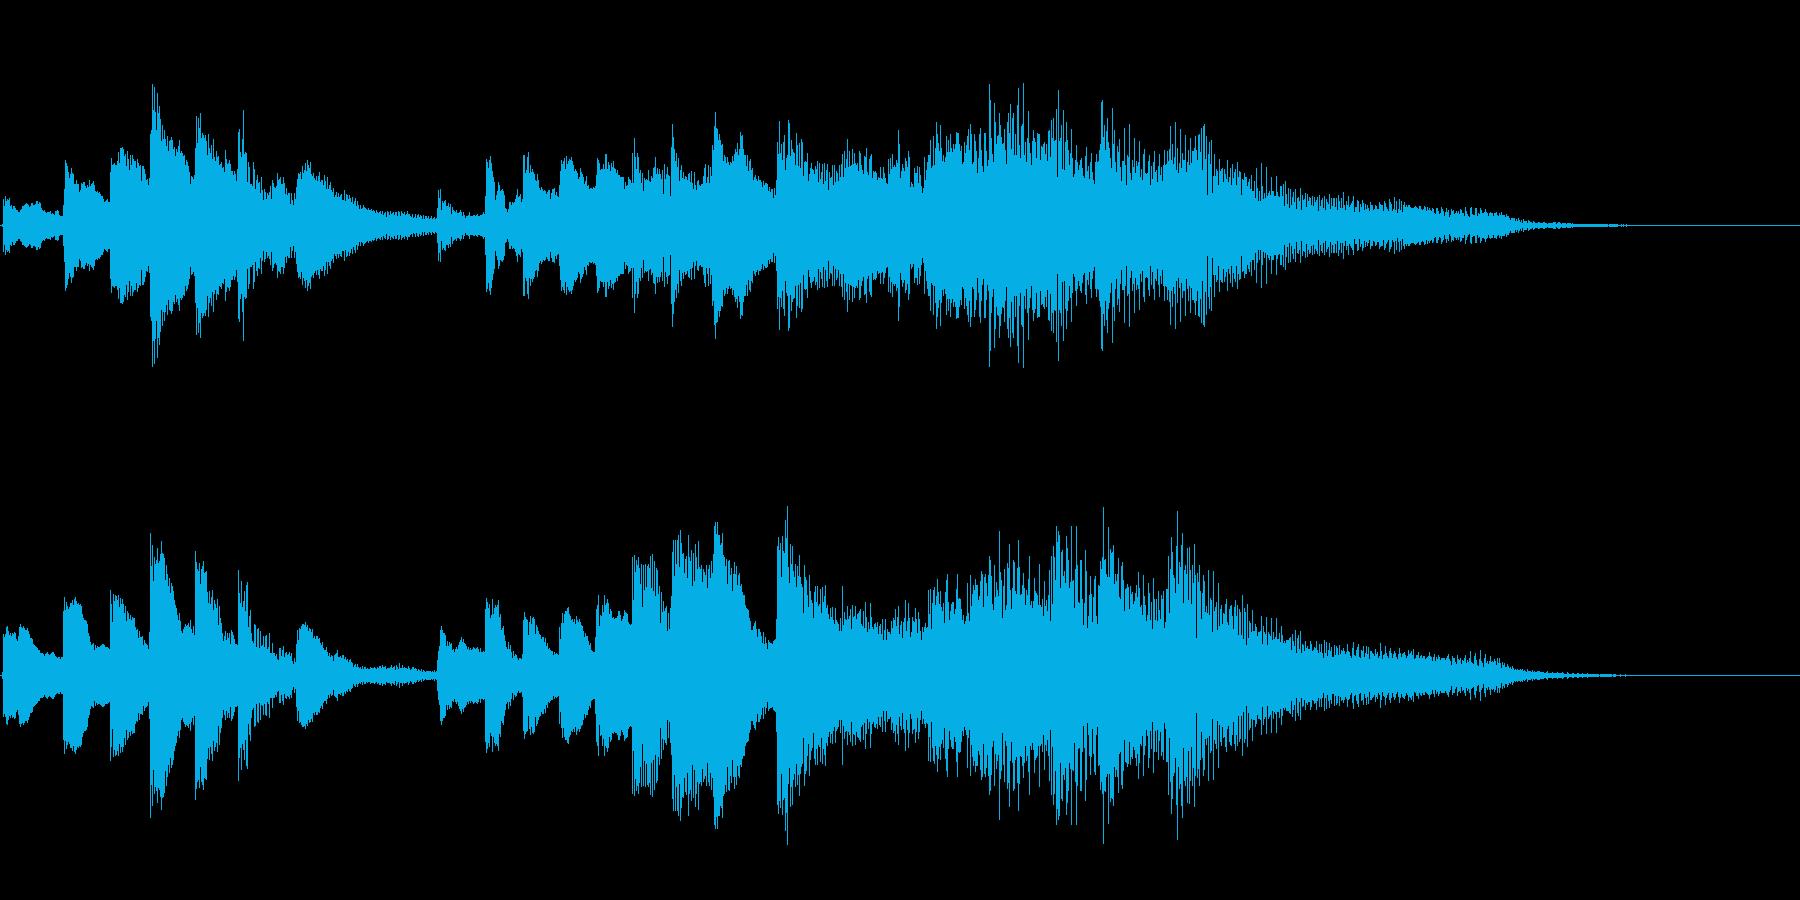 キラキラして感動的なピアノソロ11秒の再生済みの波形